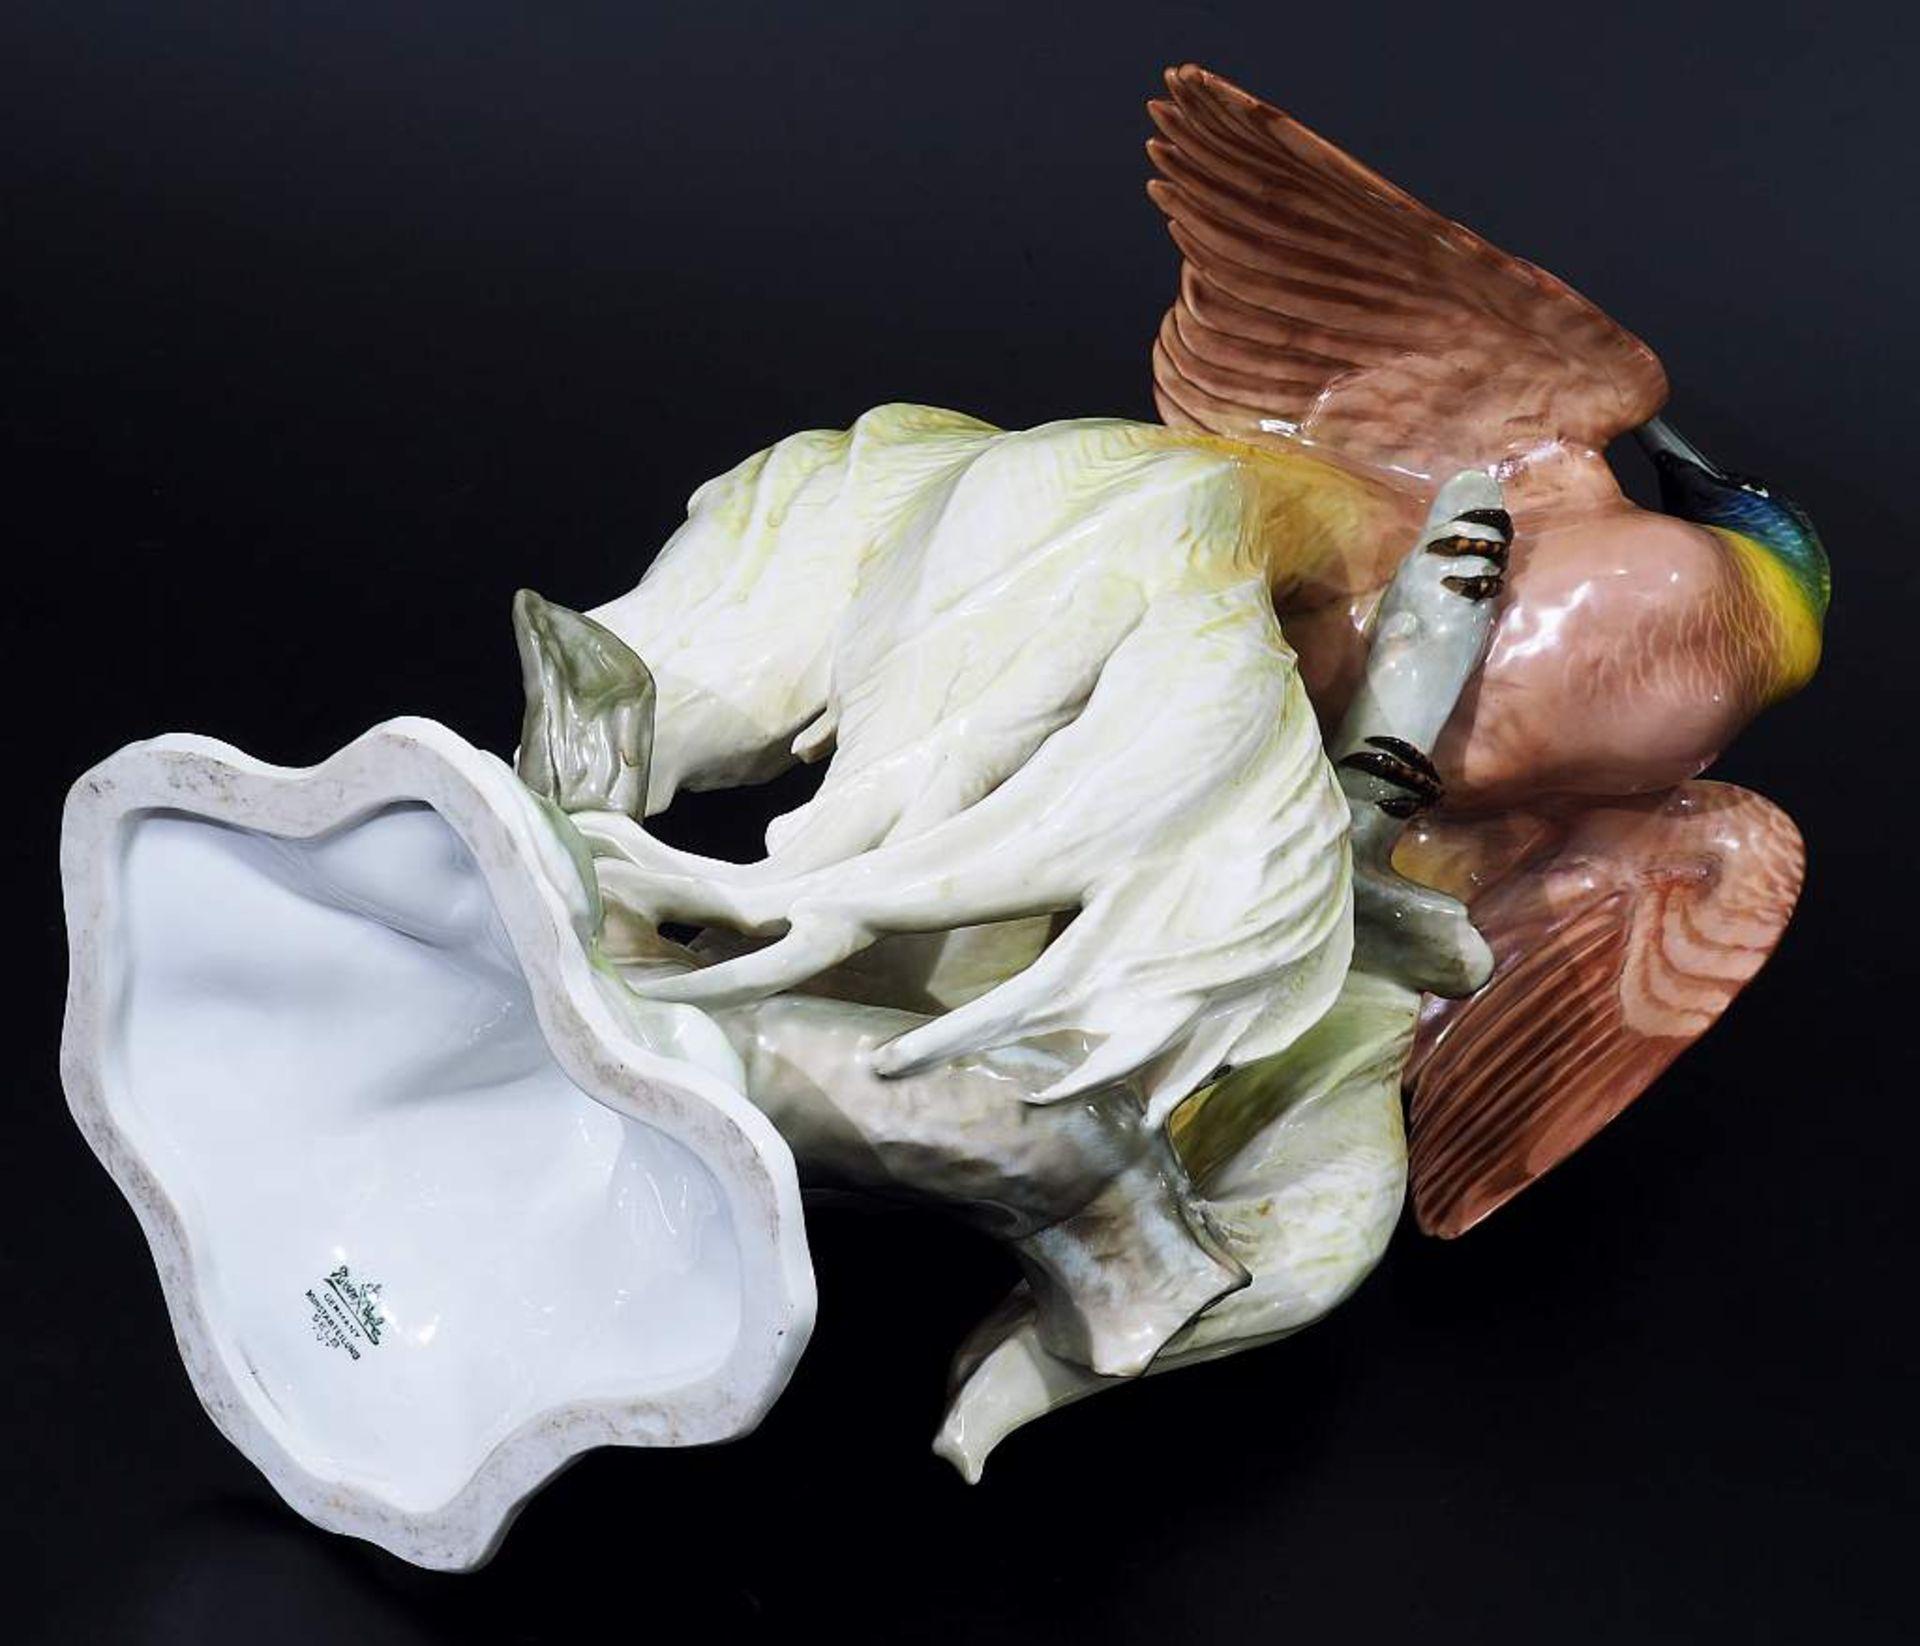 """Große Tierplastik """"Paradiesvogel"""". Große Tierplastik """"Paradiesvogel"""". ROSENTHAL Kunstabteilung Selb, - Bild 6 aus 8"""